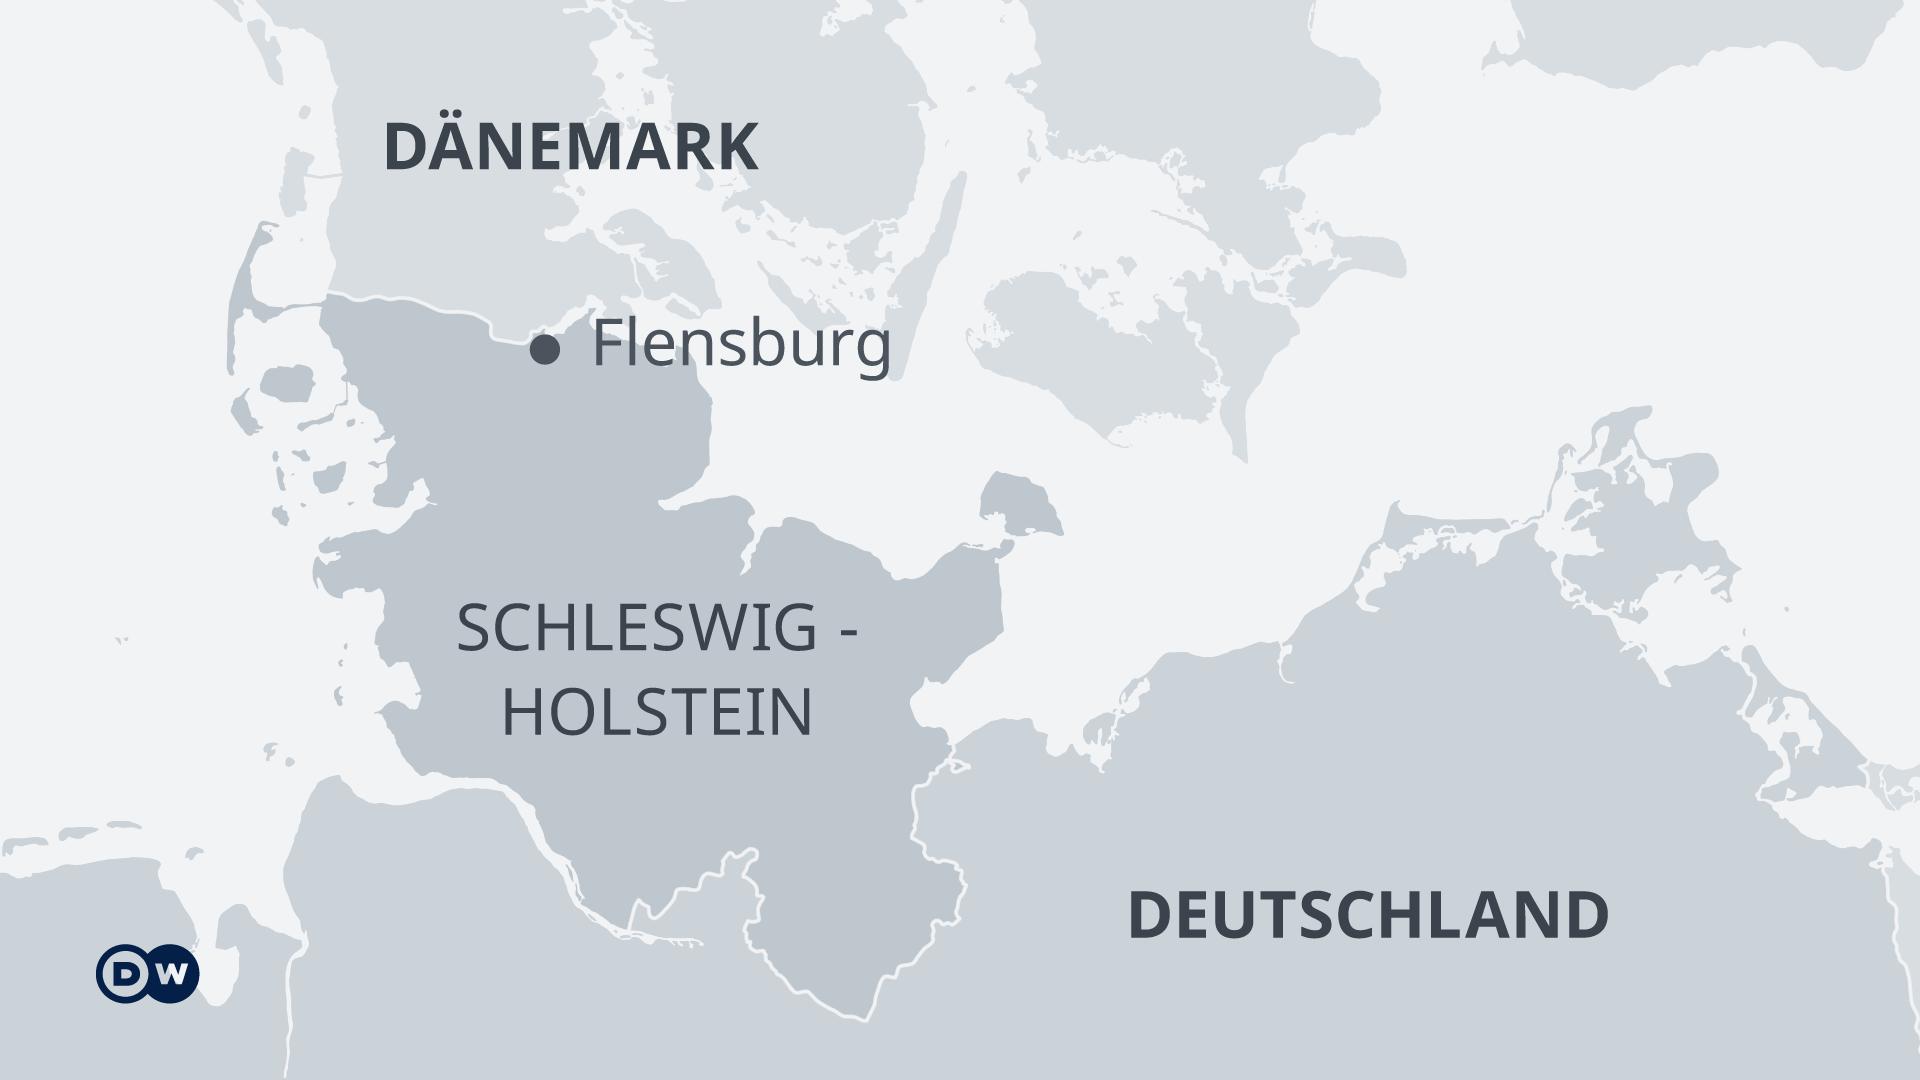 Flensburg Und Die Corona Mutation Vorbote Fur Ganz Deutschland Deutschland Dw 18 02 2021